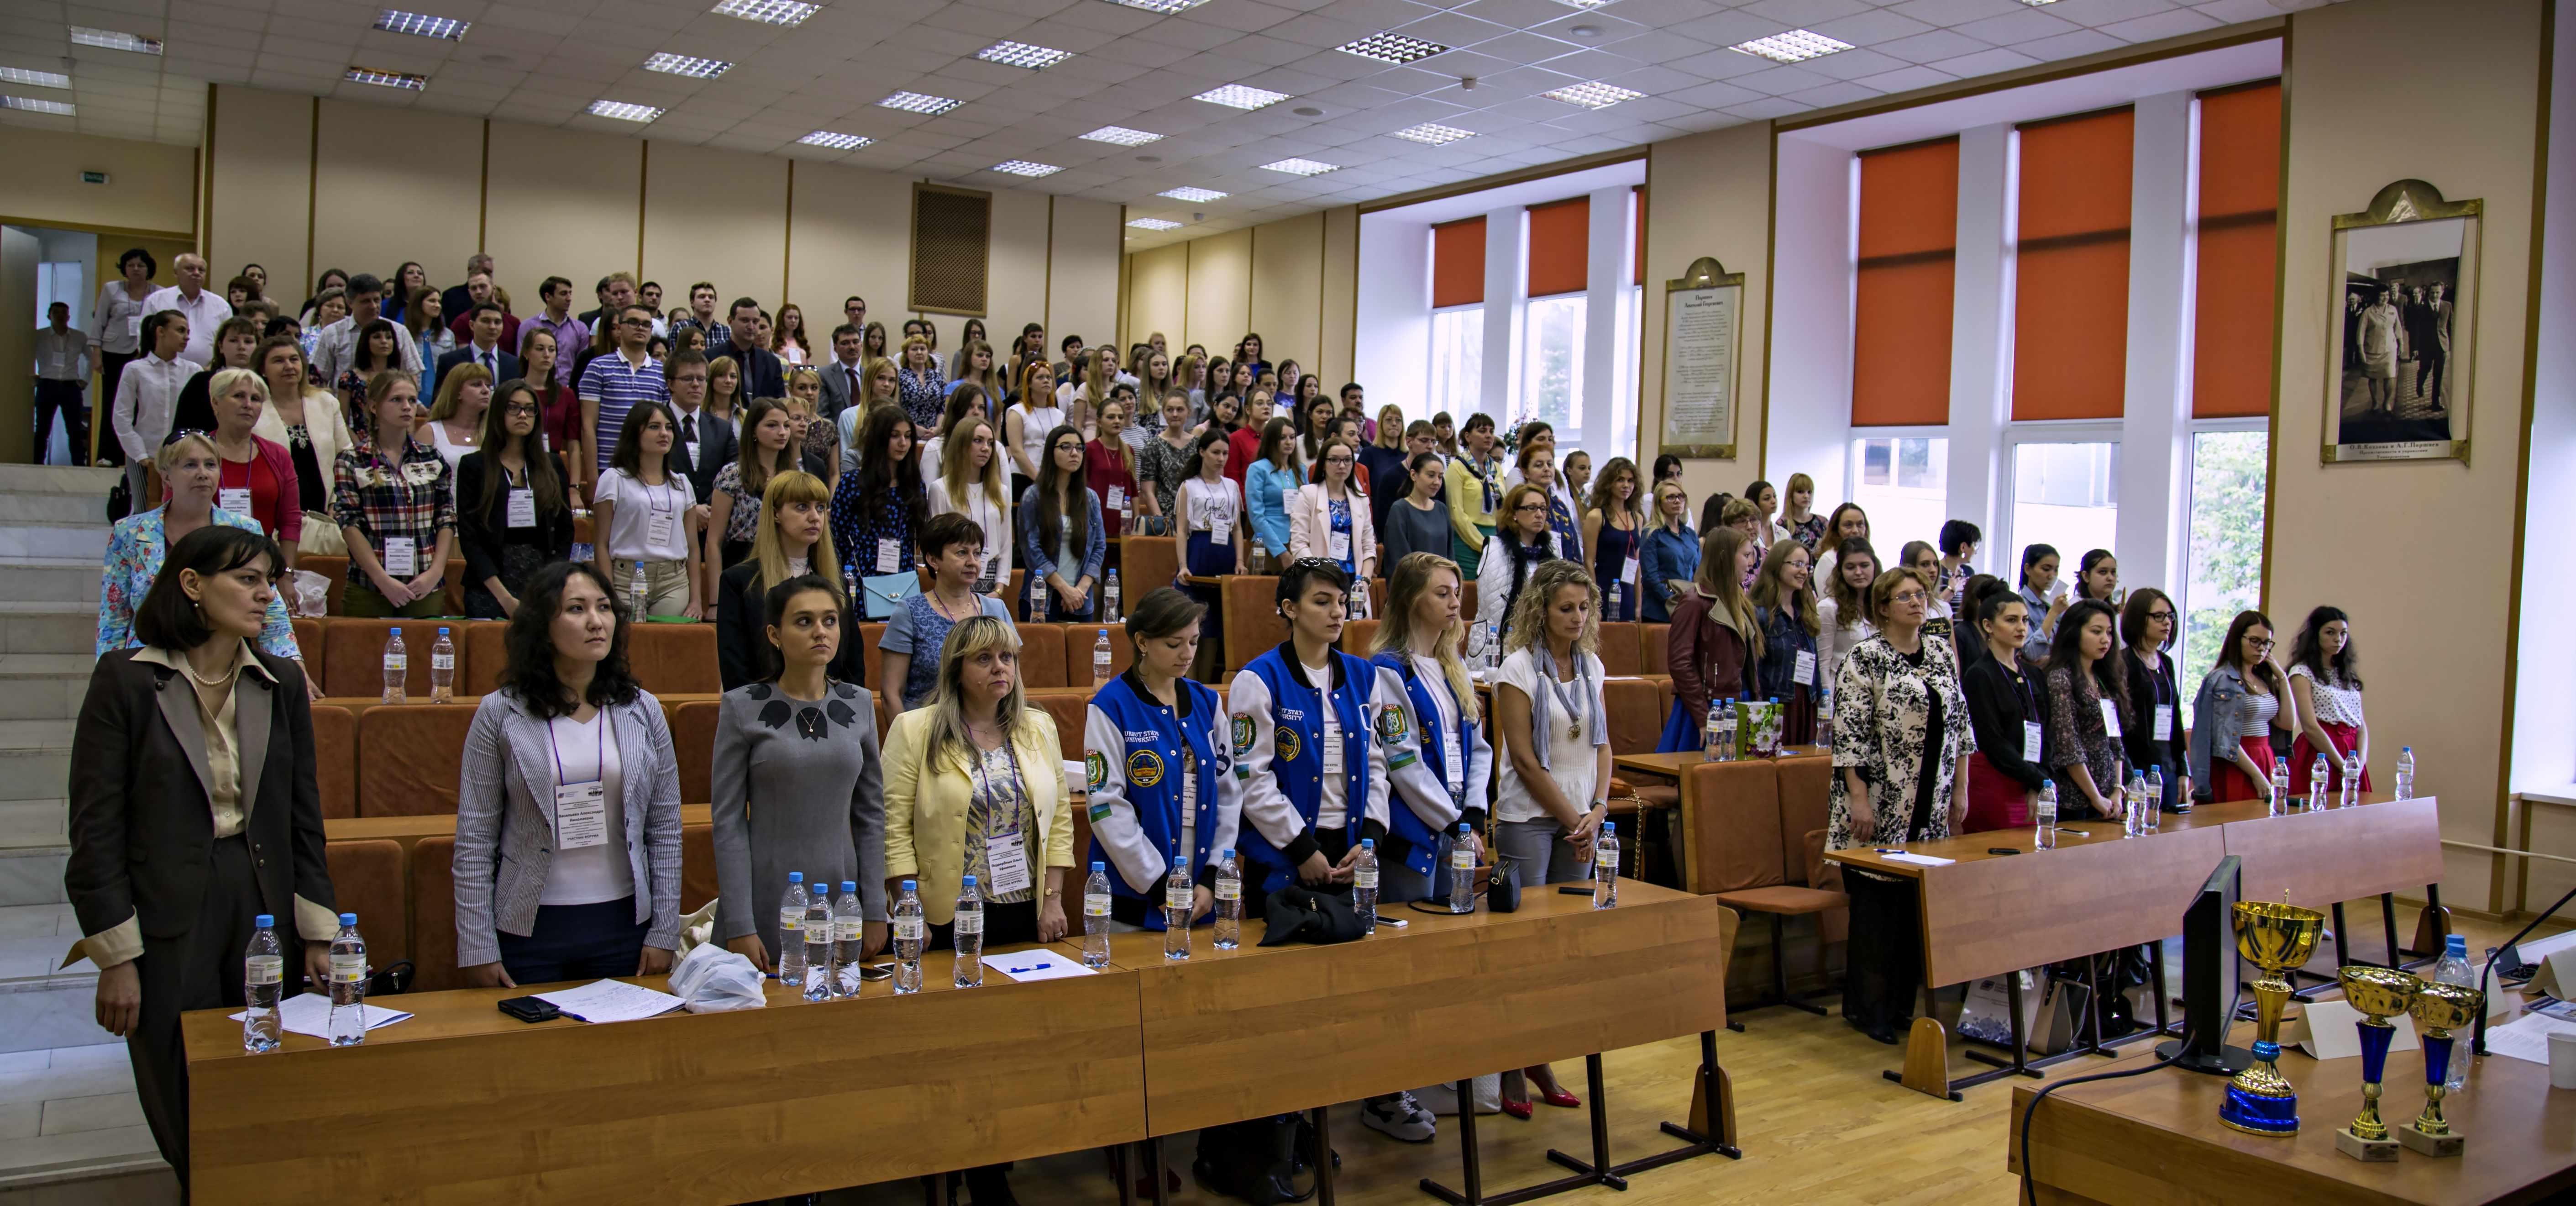 Всероссийский центр подготовки кадров